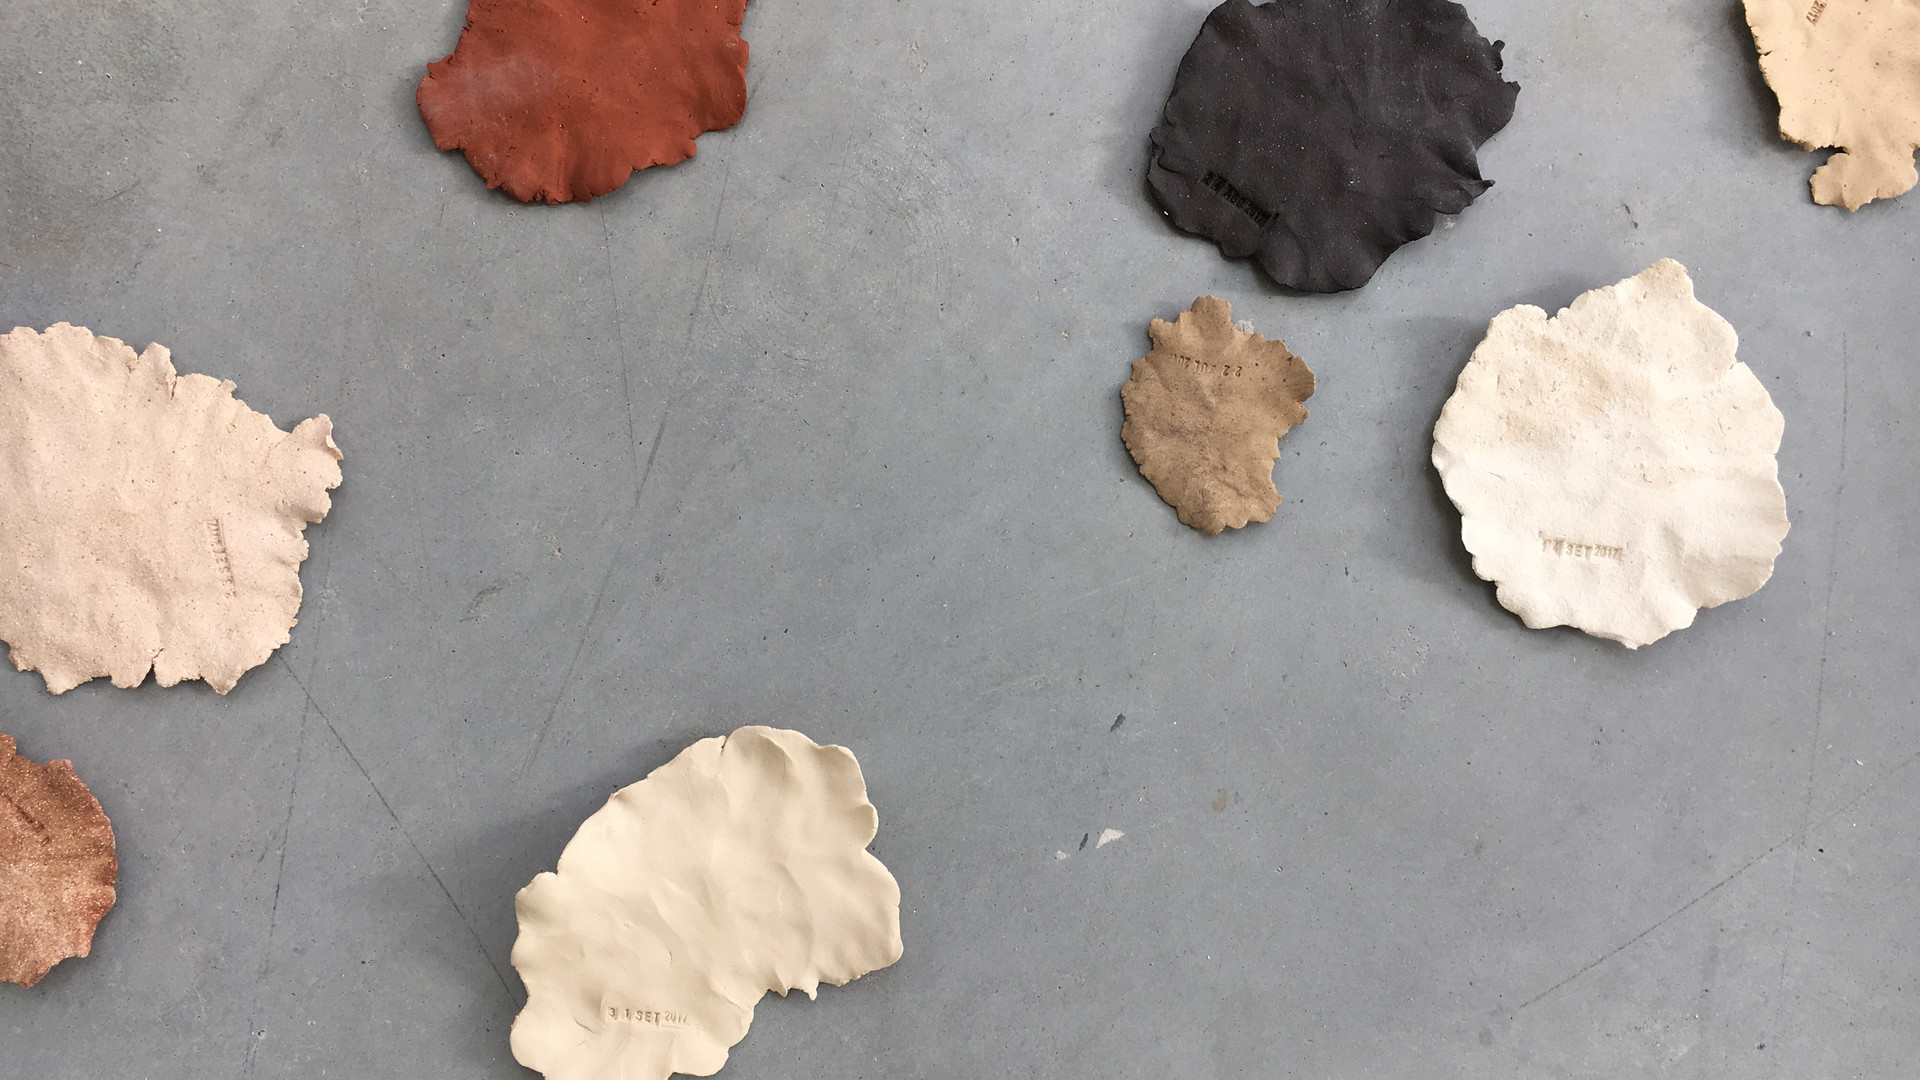 90 dias, 2017 cerâmica / ceramics 10x10cm cada / each  +  EKWC - European Ceramic Workcentre